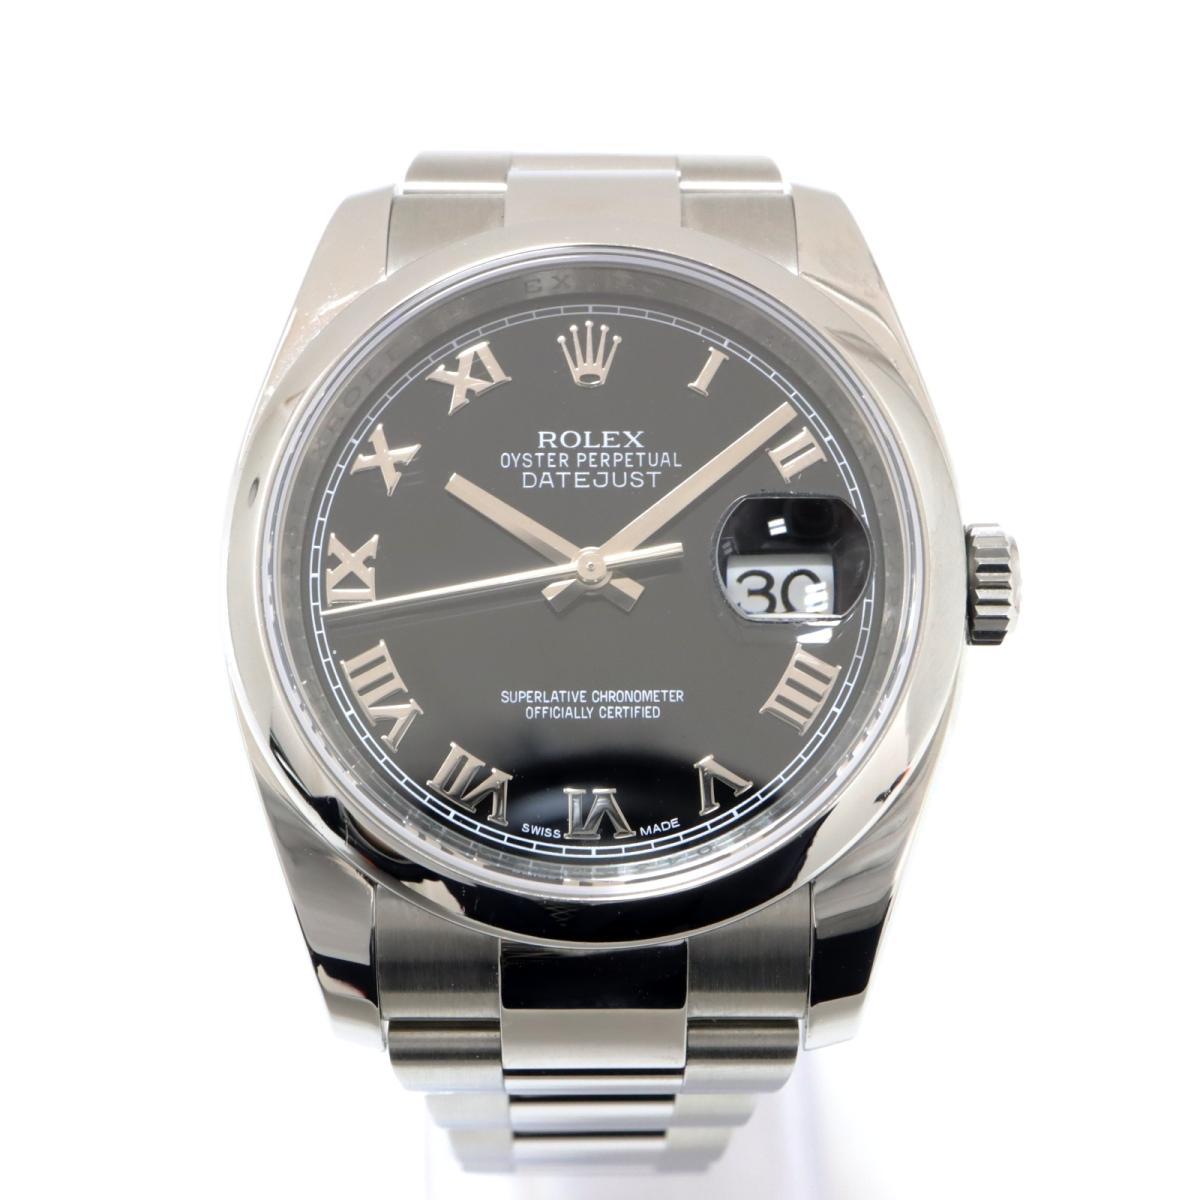 ≪期間限定≫メルマガ登録でクーポンGET! 【中古】 ロレックス デイトジャスト 腕時計 メンズ K18WG (750)ホワイトゴールド SS シルバー (116200) | ROLEX BRANDOFF ブランドオフ ブランド ブランド時計 ブランド腕時計 時計 ウォッチ